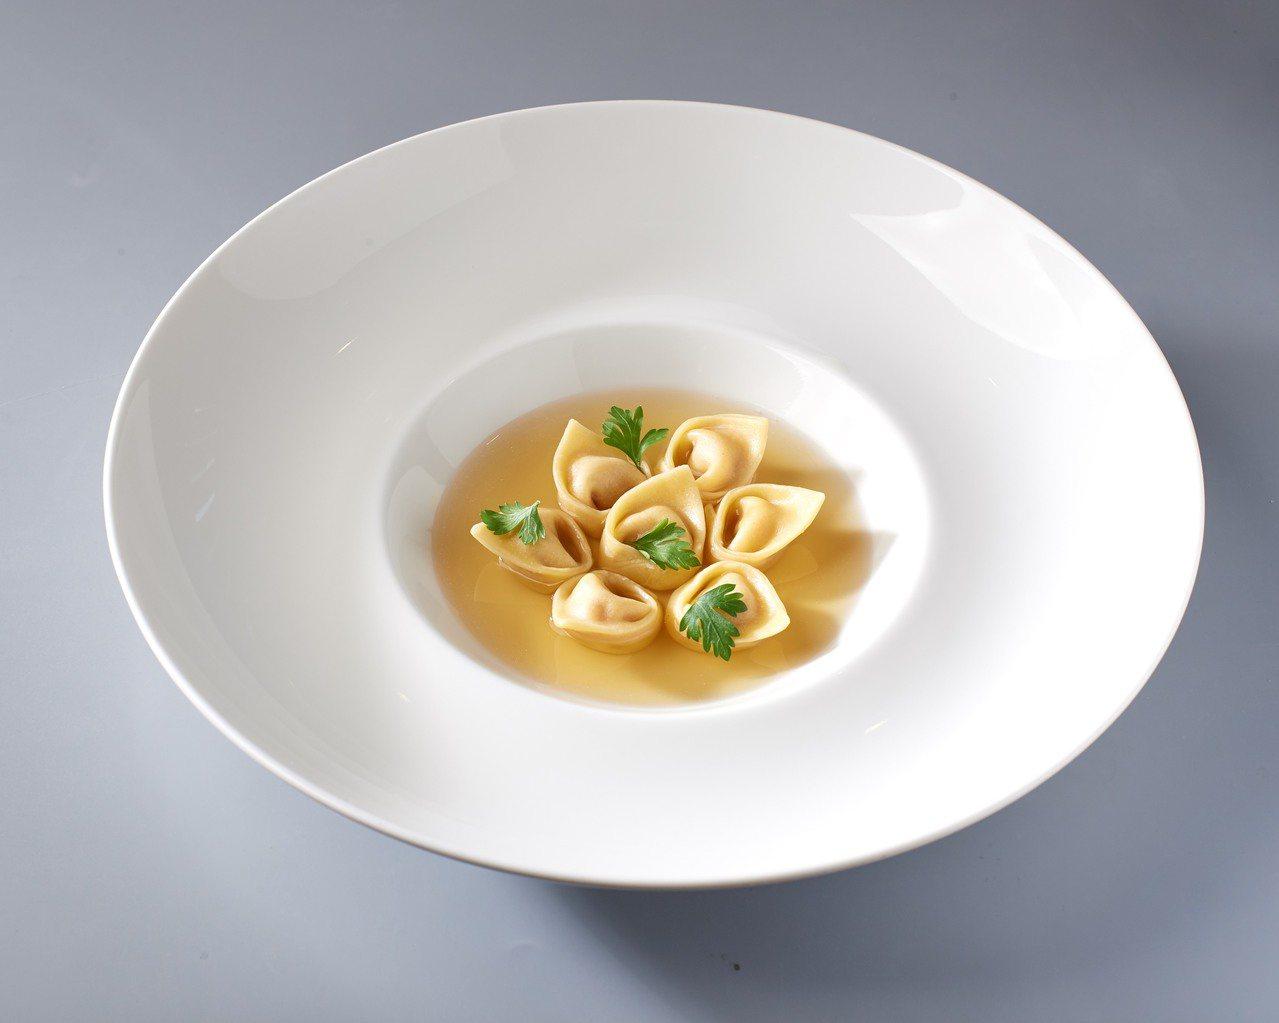 義大利麵餃佐澄清湯。圖/新光三越提供